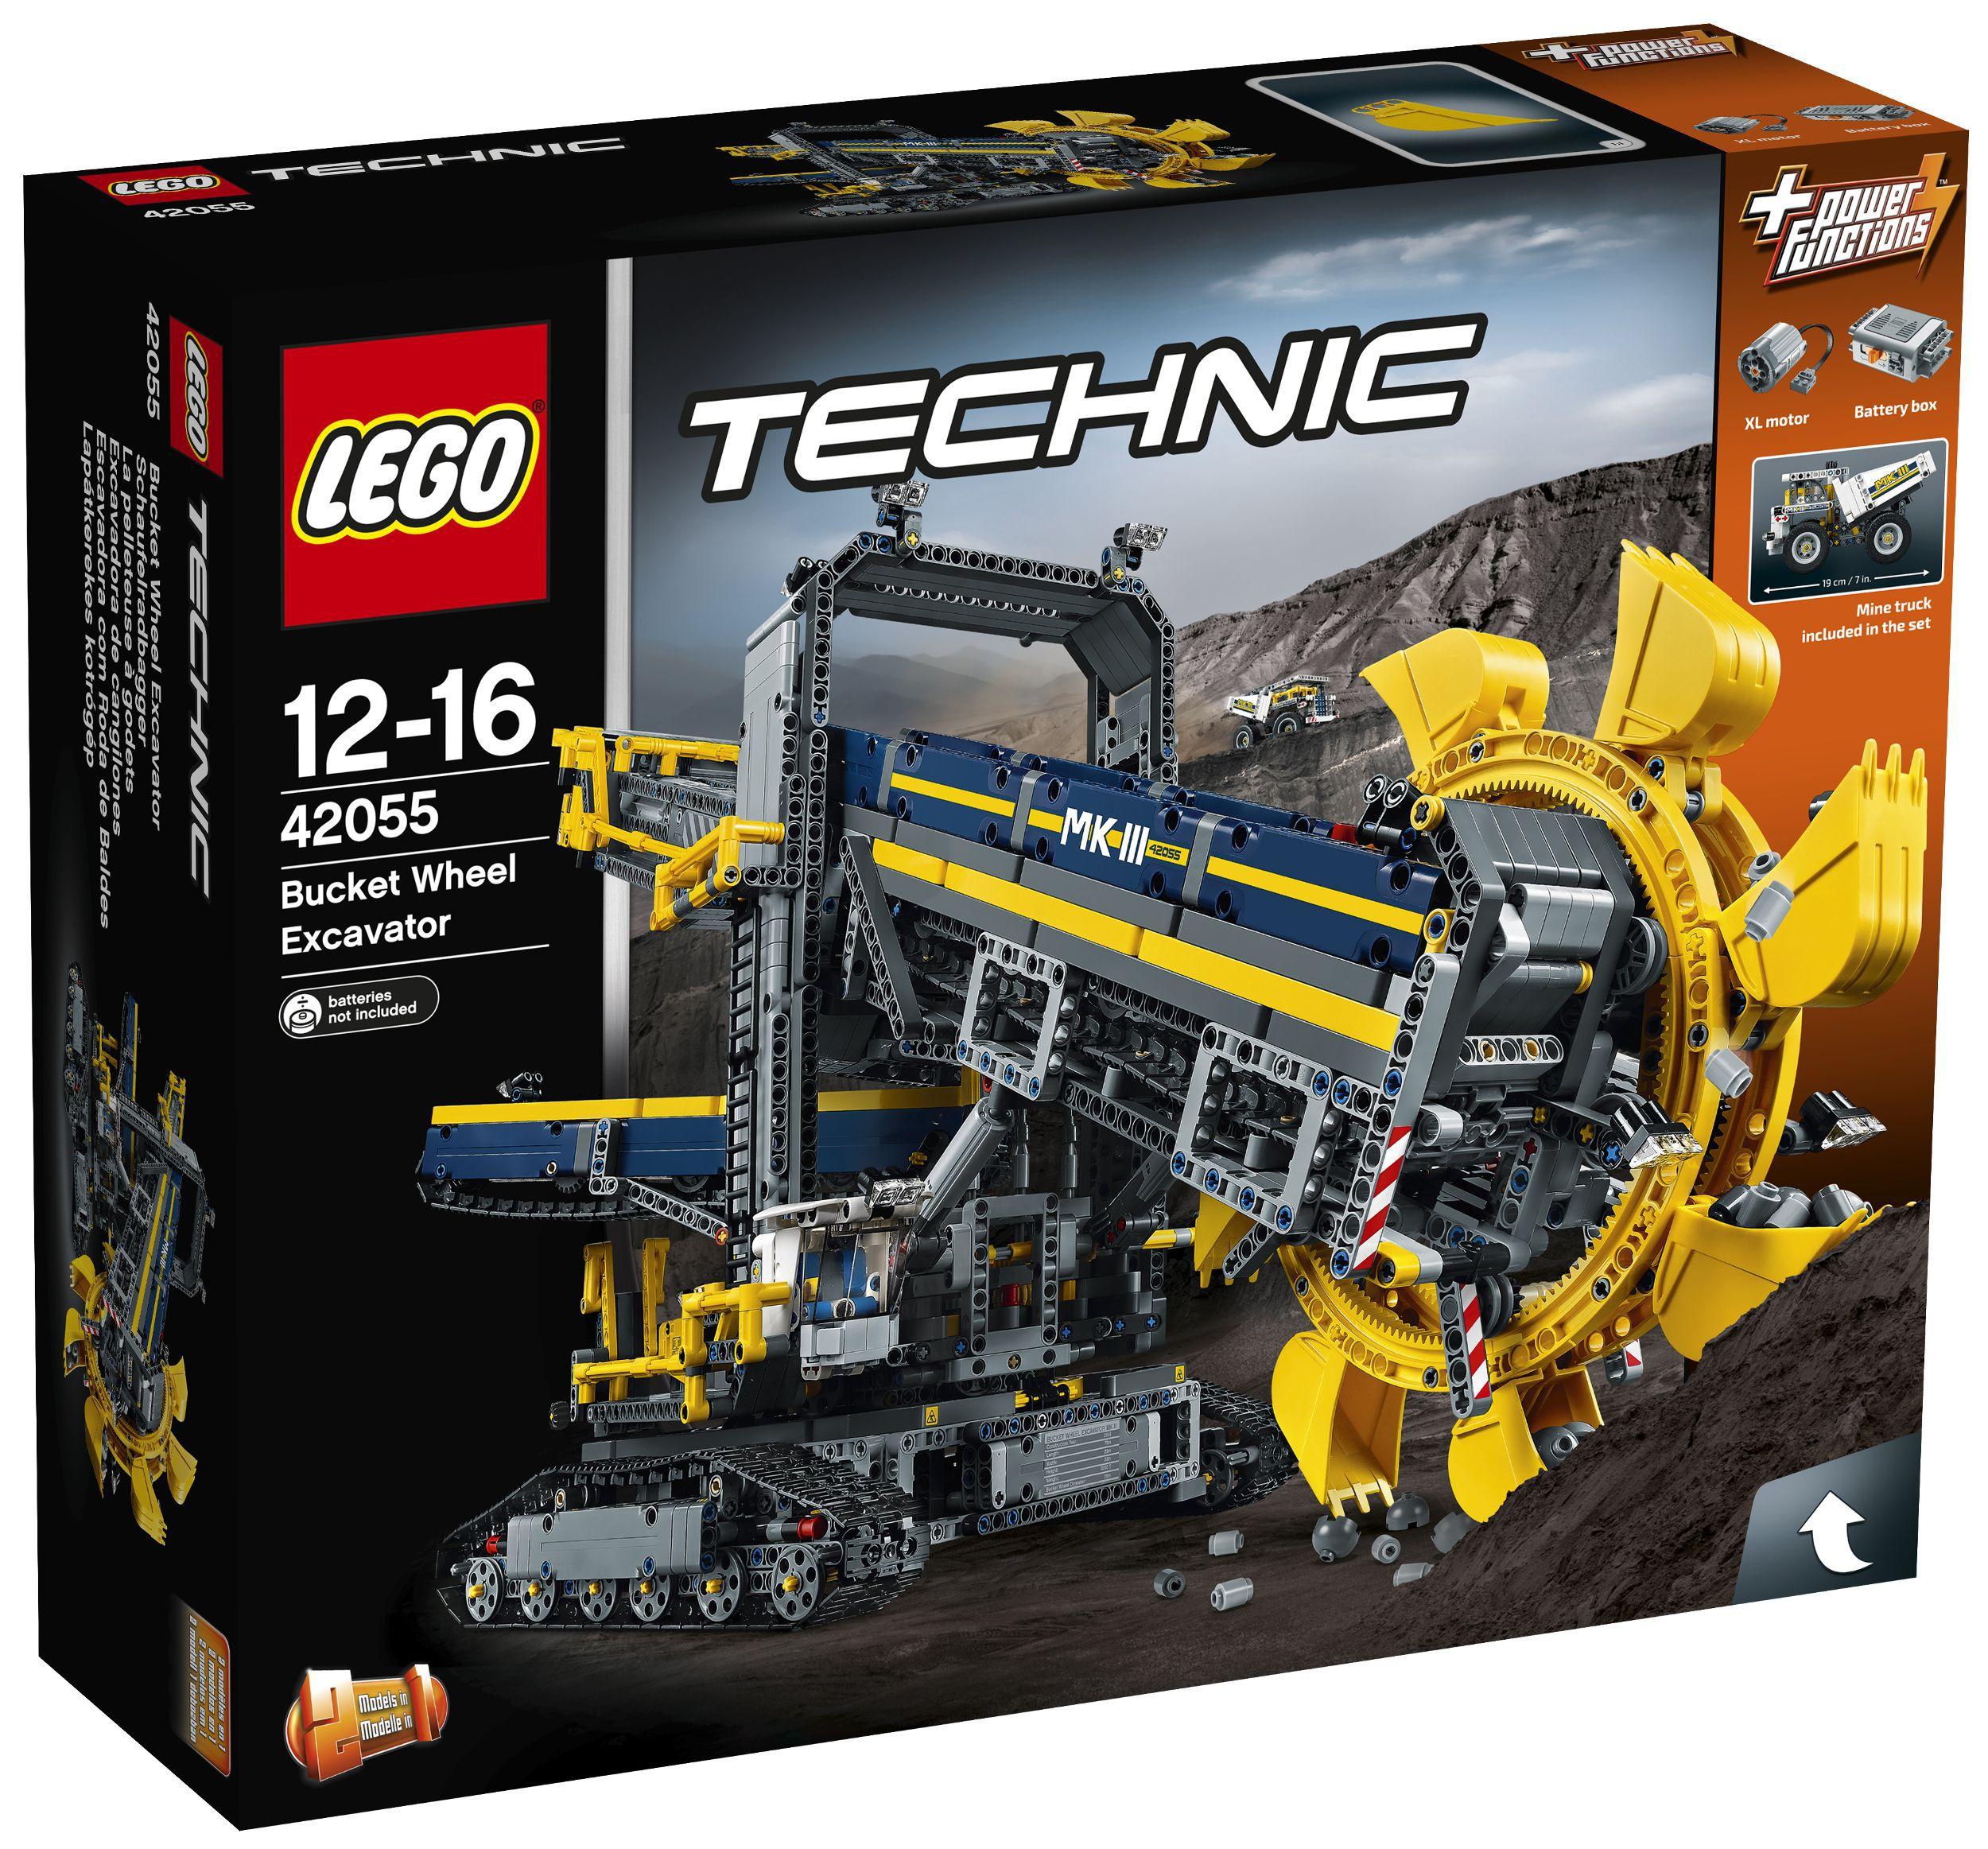 LEGO blanc passage de roue x 4 voiture de rechange original